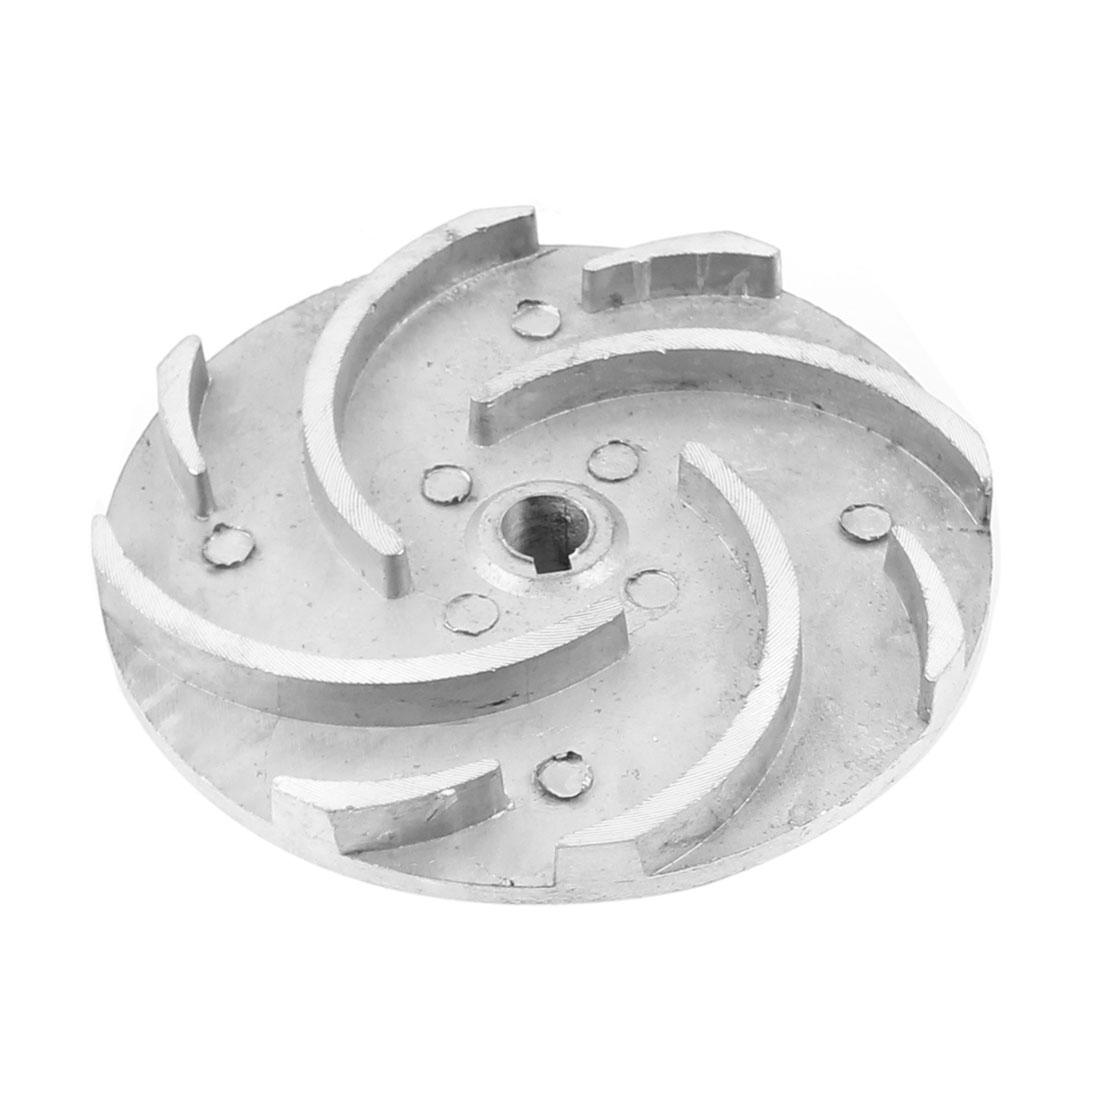 """4.1"""" Diameter Aluminum Precision Impeller Casting Part for Water Pump"""